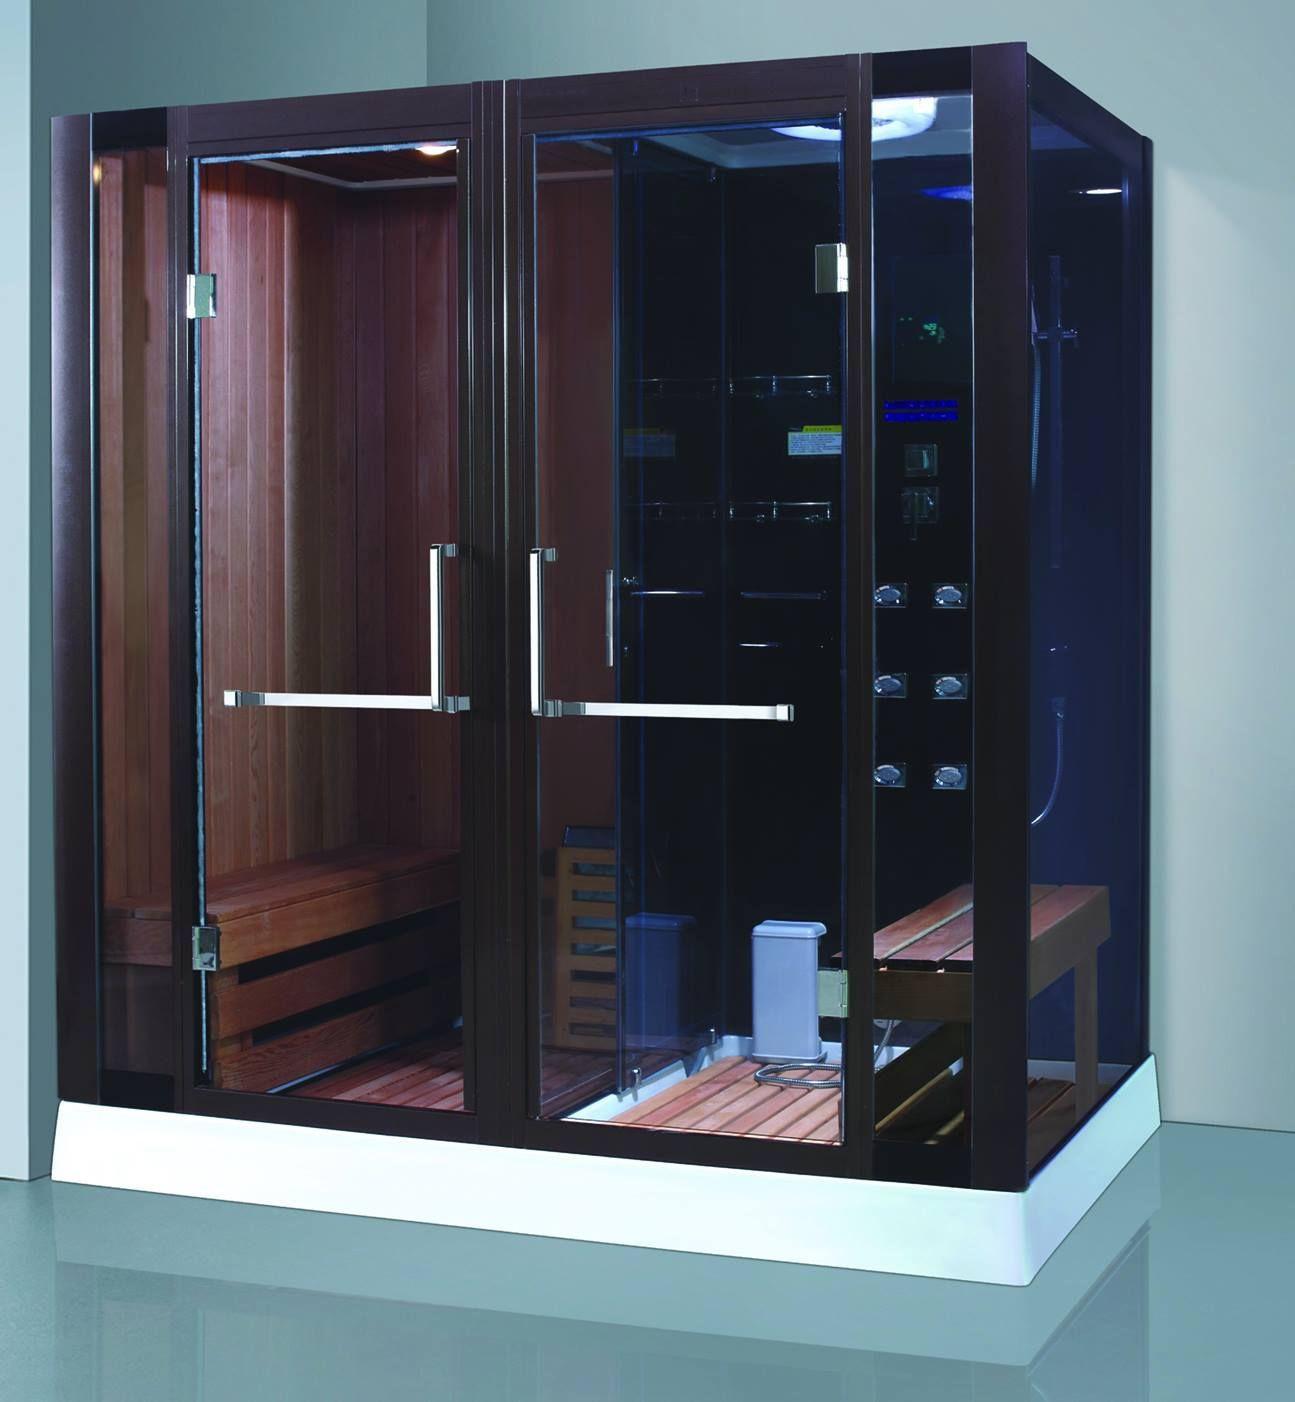 Indoor bathroom Dumb black SS304 frame glass door far infrared sauna shower combination wooden corner sauna room